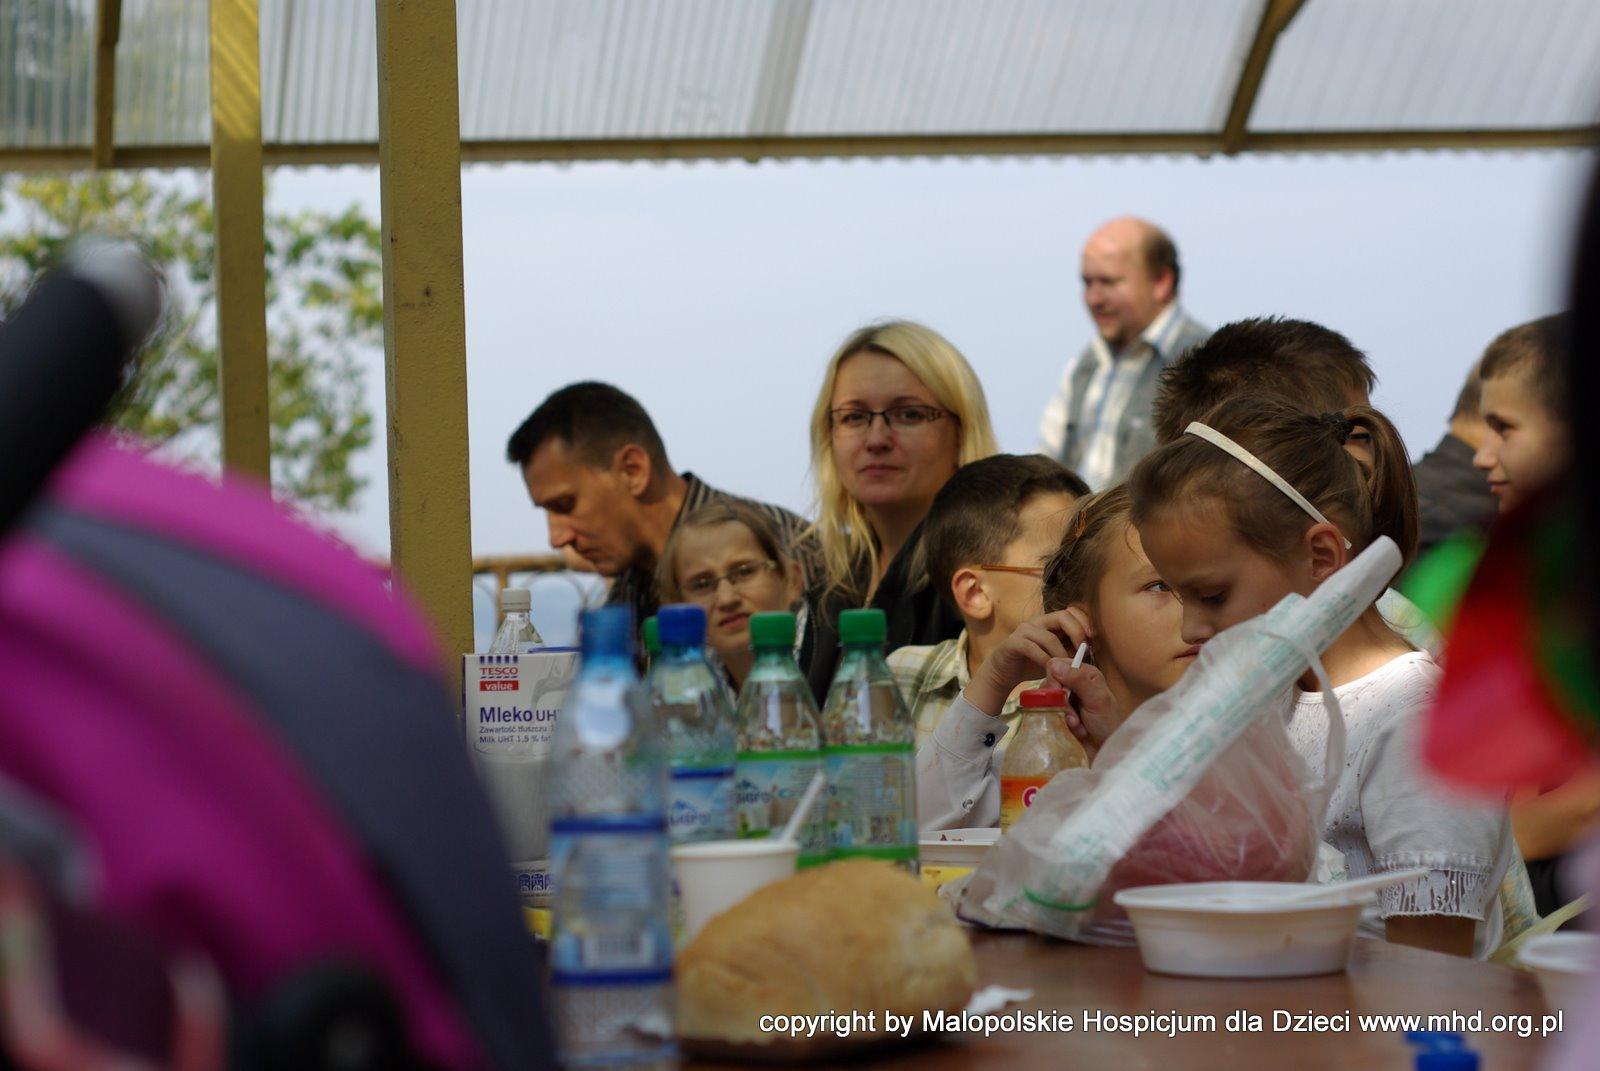 Spotkanie Rodzin odbyło się w niezwykłym miejscu - w Maryjno-Pasyjnym Sankturium Matki Bożej Kalwaryjskiej w Kalwarii Zebrzydowskiej. Mszę Świętą w jednej z kaplic odprawił po raz pierwszy o. Tomek Żychowicz OFM, który rozpoczął w ten sposób oficjalnie swoją posługę duszpasterską w MHD. ( Tomek od kilku lat jest wolontariuszem MHD).  Oprócz Mszy, mieliśmy szansę na długie rozmowy, przy pysznych słodyczach i fantastycznym bigosie:) Mamy Emilki - Pani Anny.  Swoją obecnością zaszczycili nas także rodzice dzieci, które odeszły pod opieką MHD. Spotkanie w Kalwarii było jednocześnie inauguracją Grupy Wsparcia w Żałobie prowadzonej i koordynowanej przez psychologów i duszpasterza MHD.